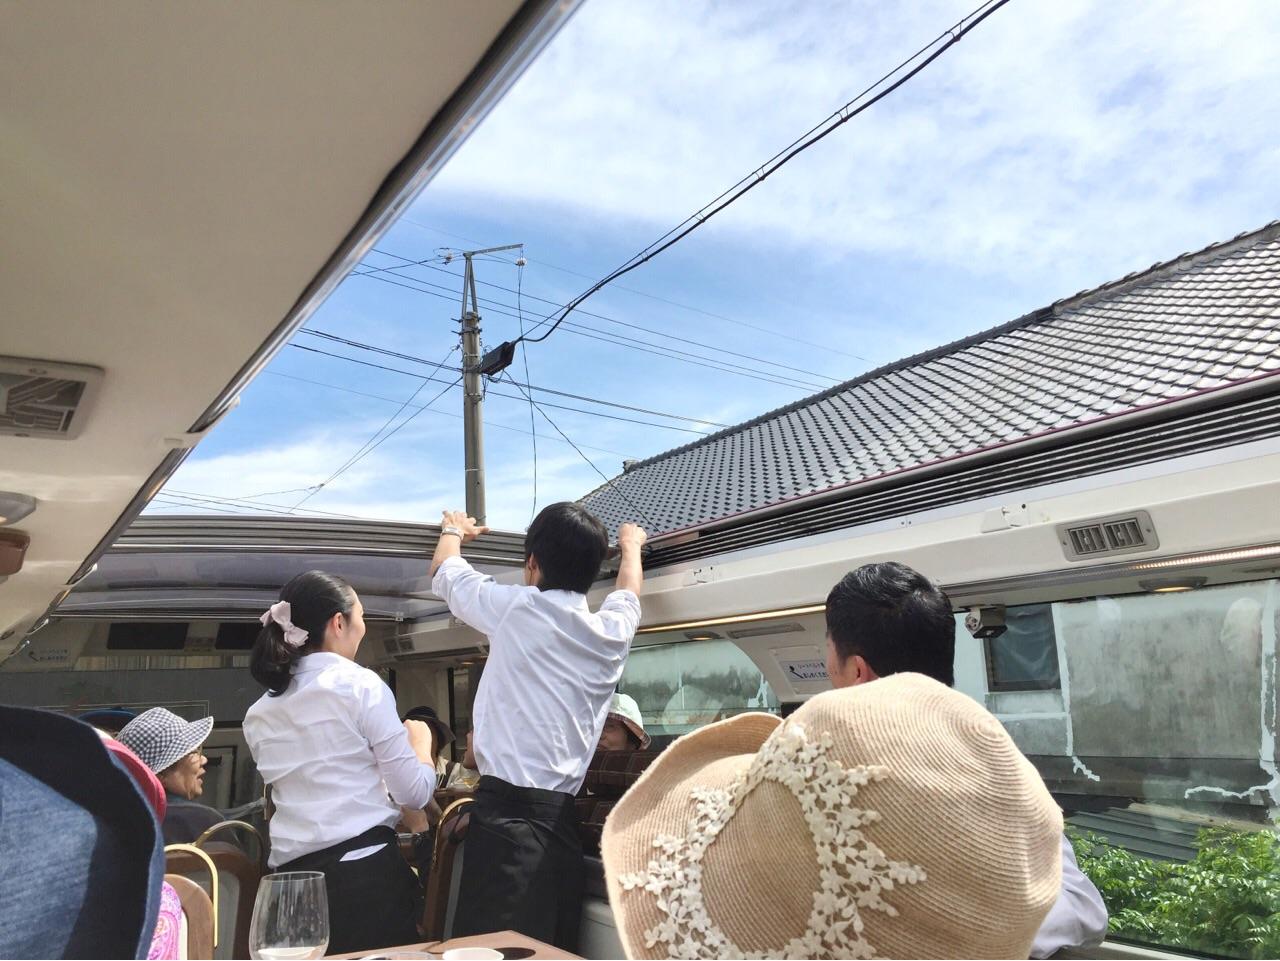 レストランバス 天井開放